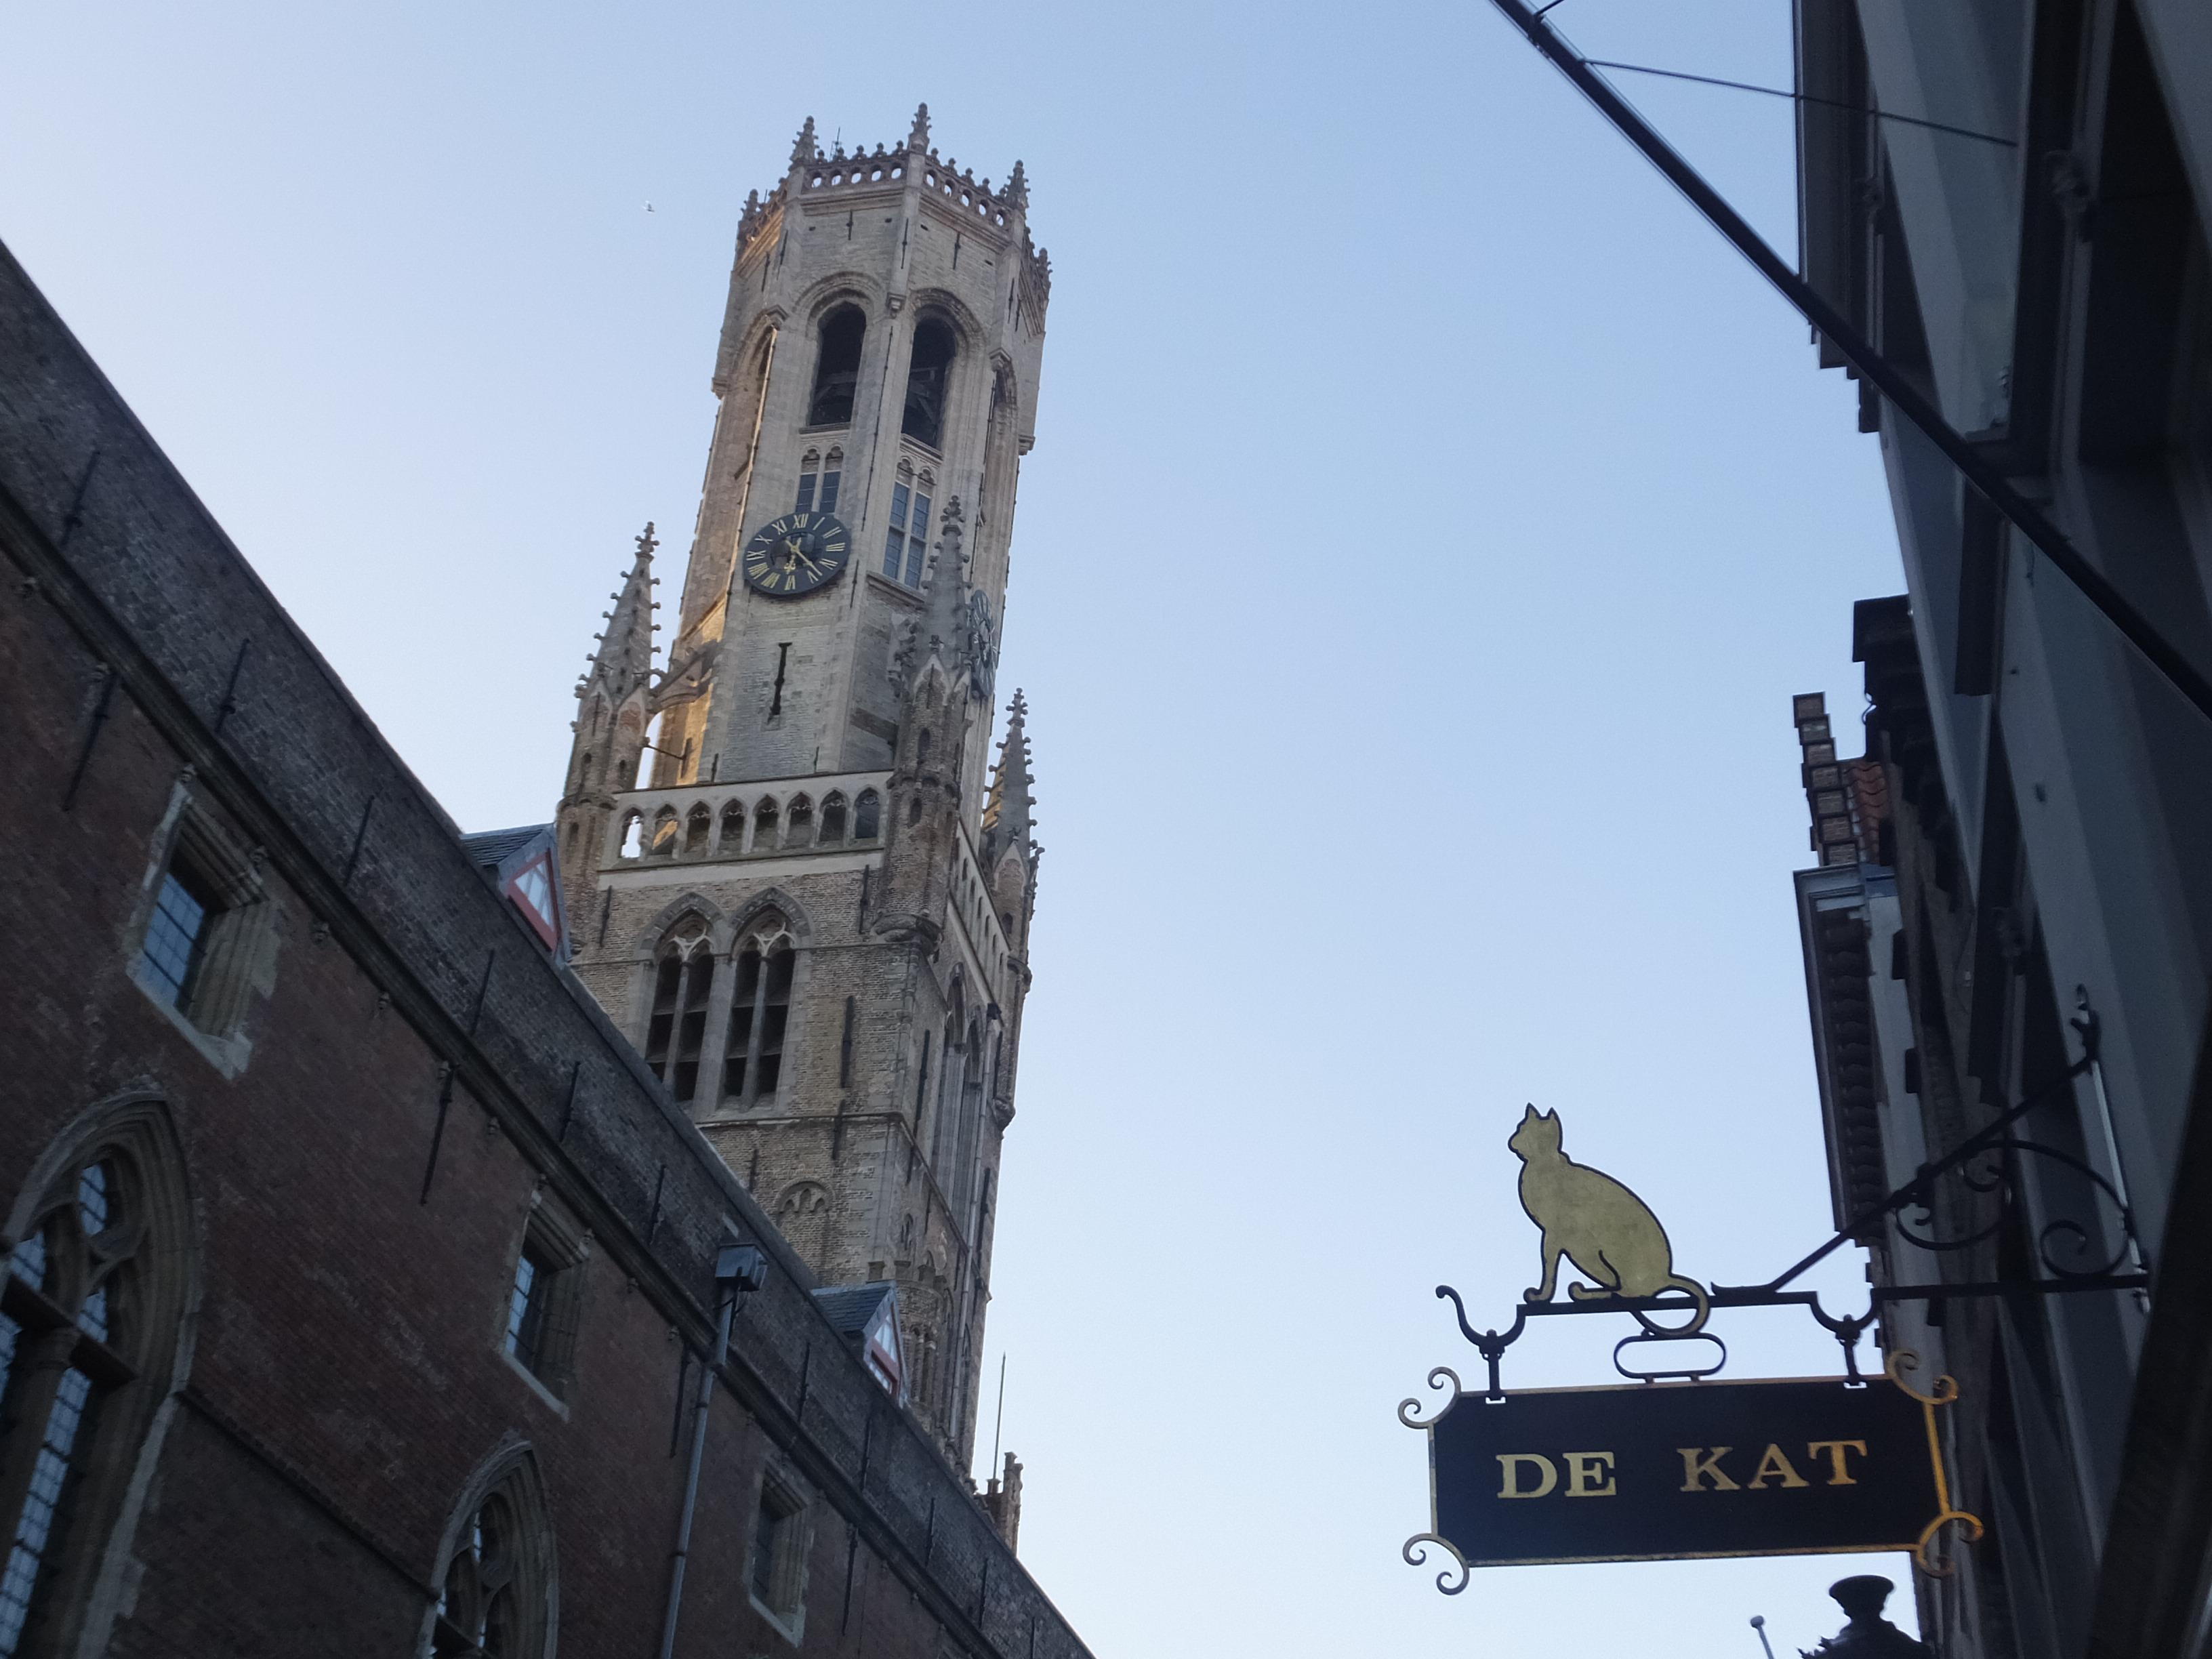 オランダからブルージュへ小旅行③(De Halve Maan )